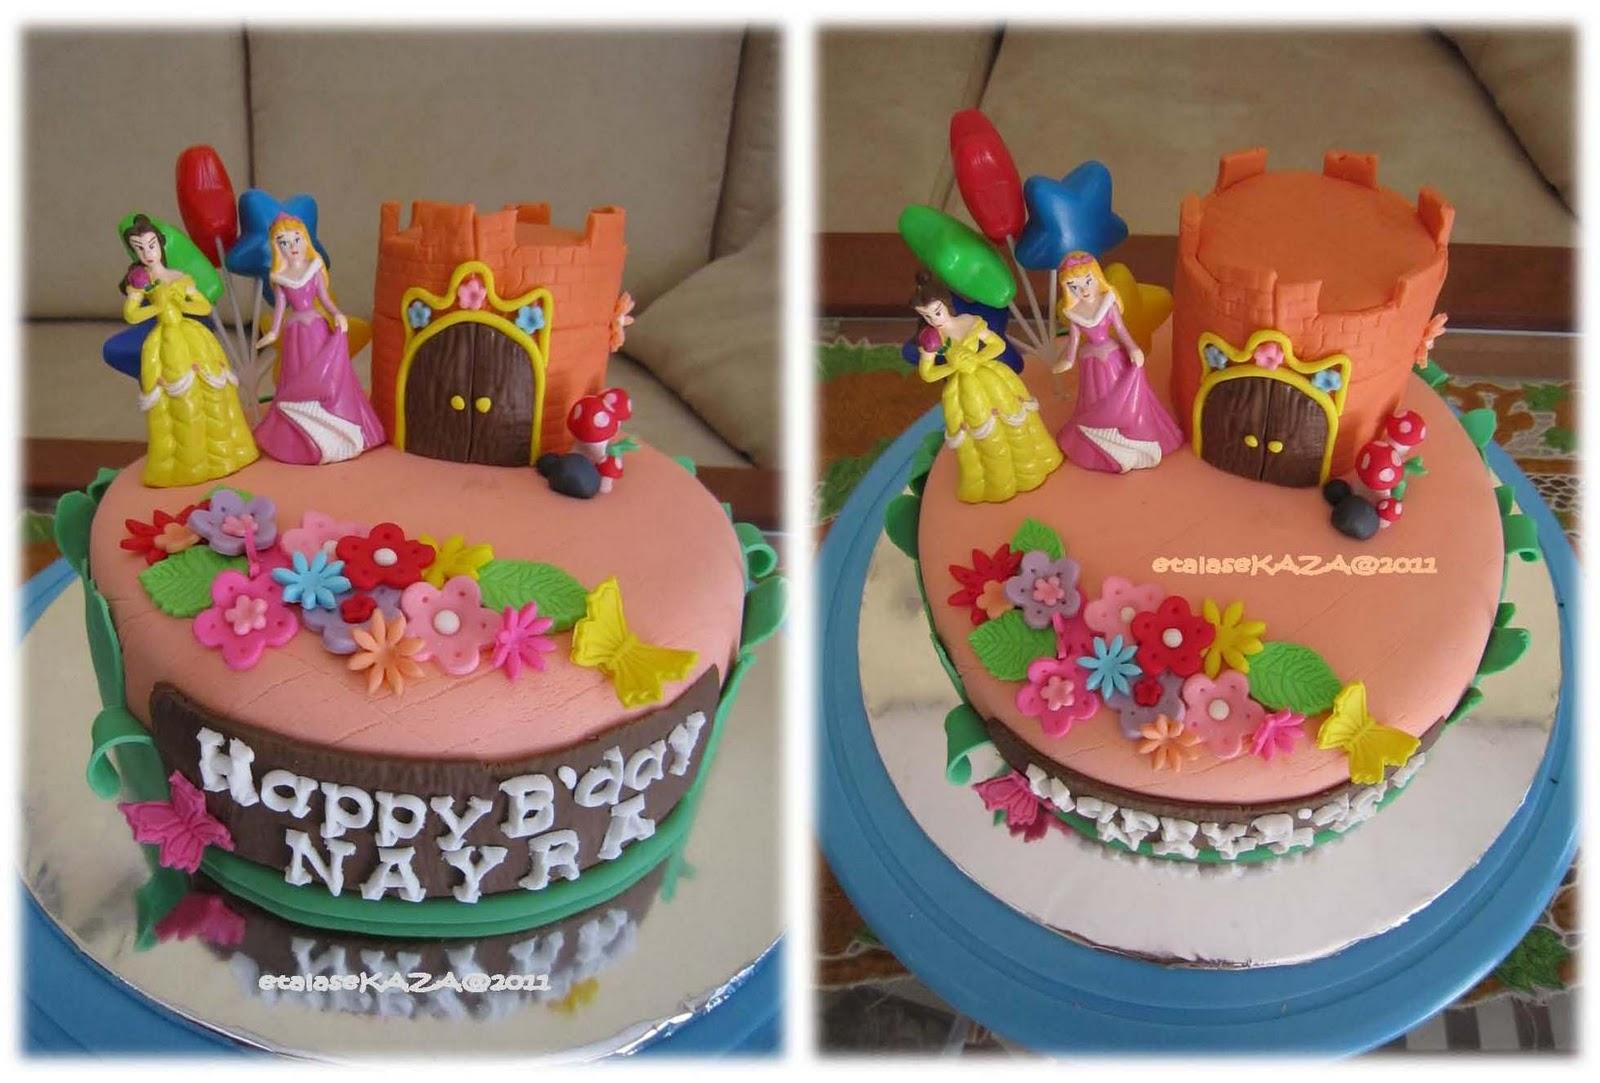 Etalase KAZA Nayras Birthday Cake